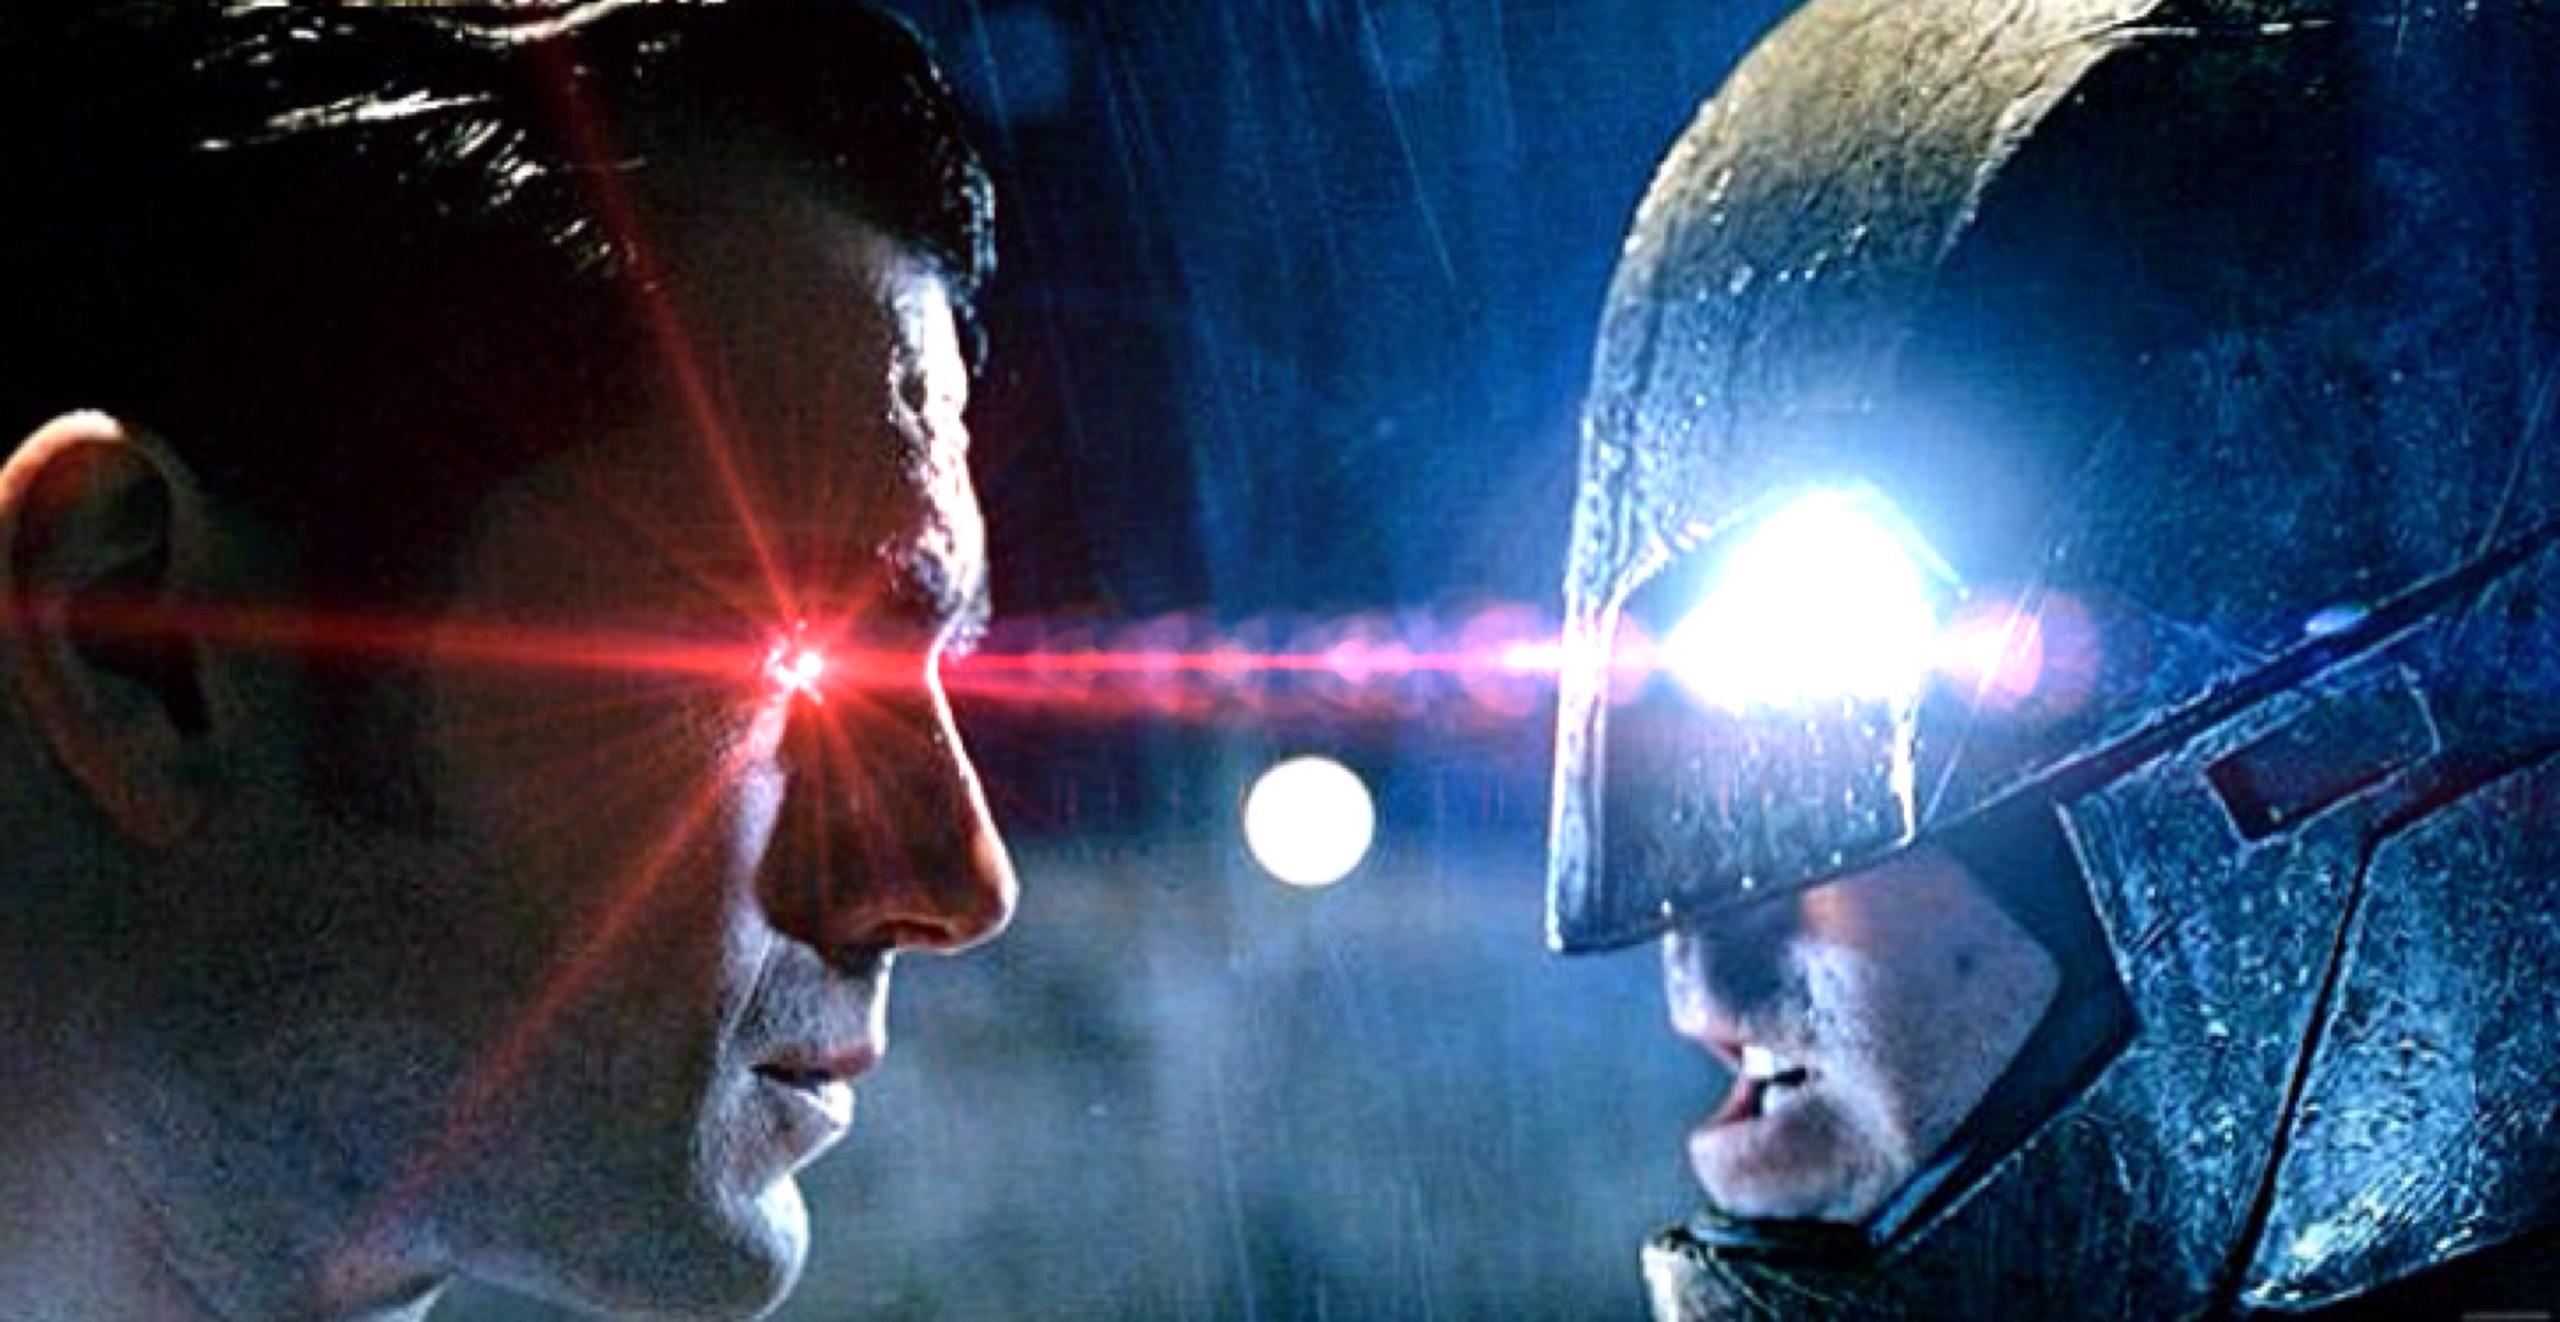 Novas imagens oficiais de Batman v Superman